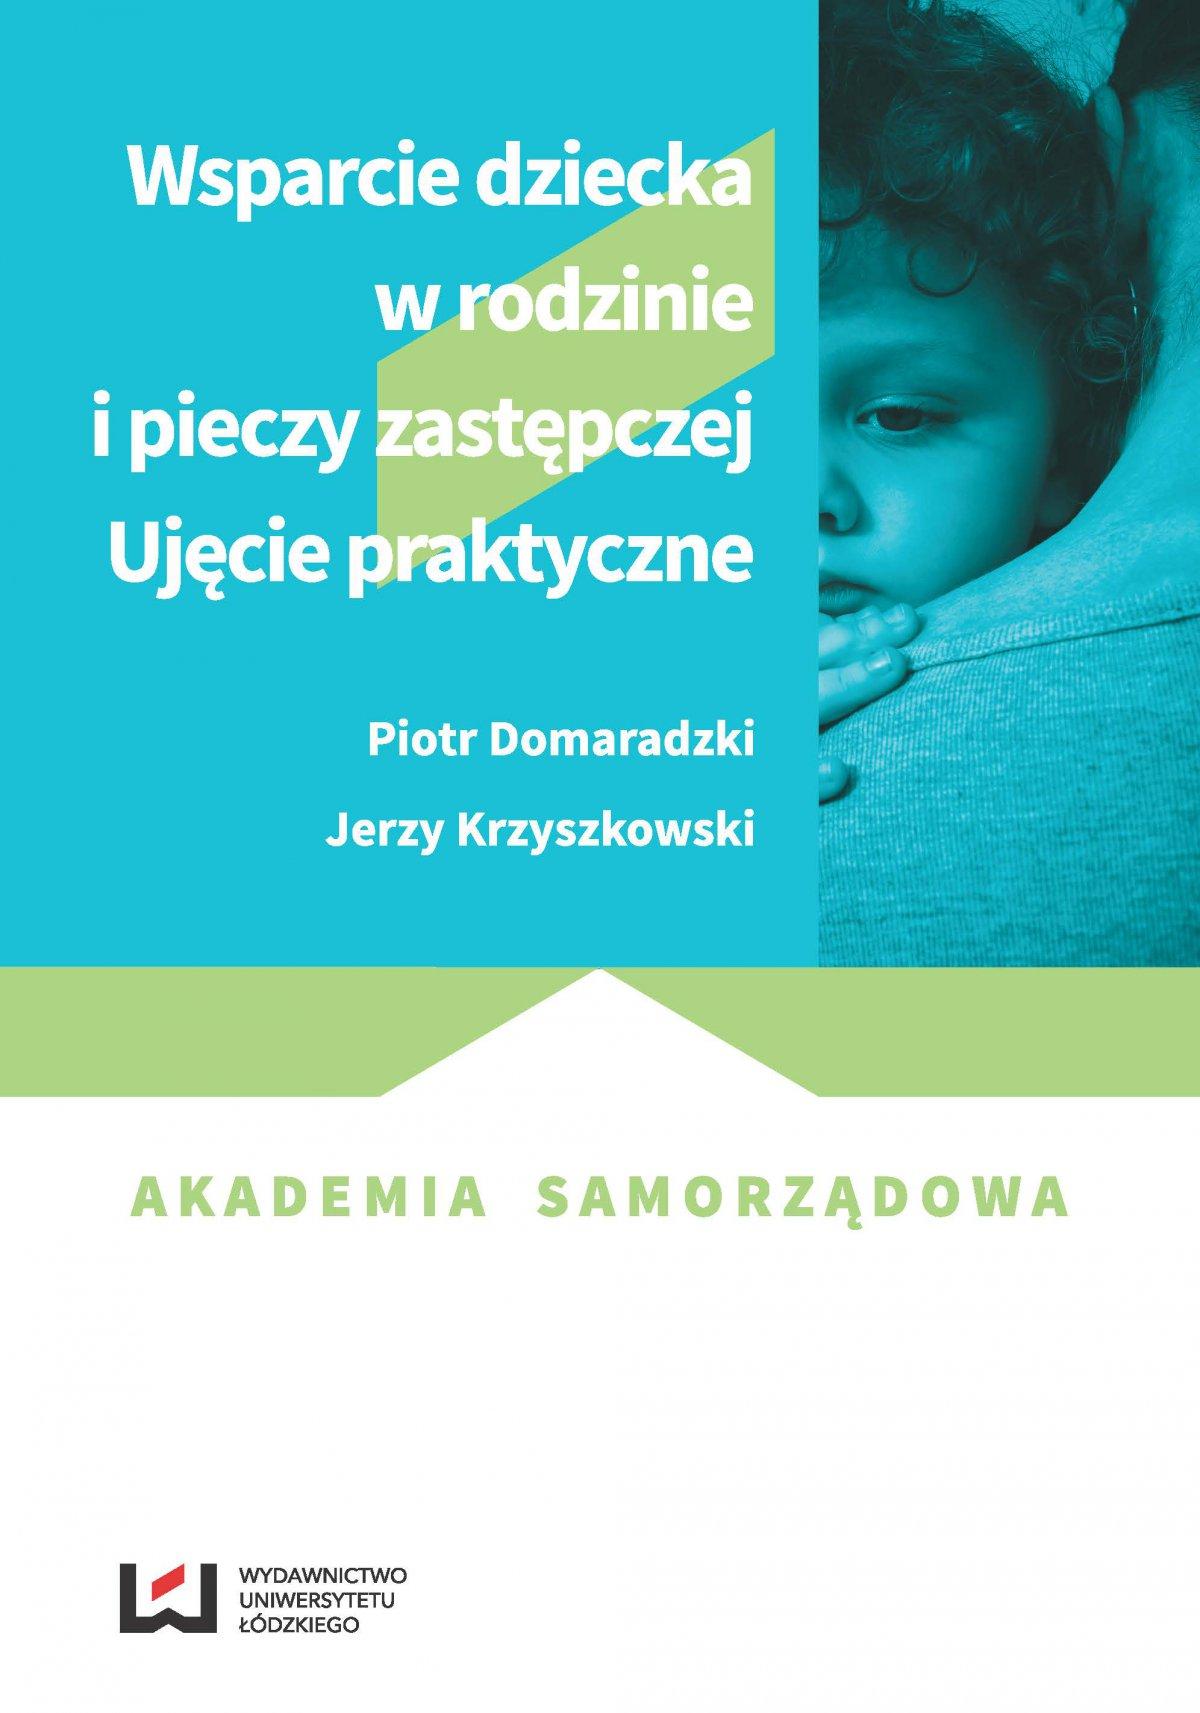 Wsparcie dziecka w rodzinie i pieczy zastępczej. Ujęcie praktyczne - Ebook (Książka PDF) do pobrania w formacie PDF